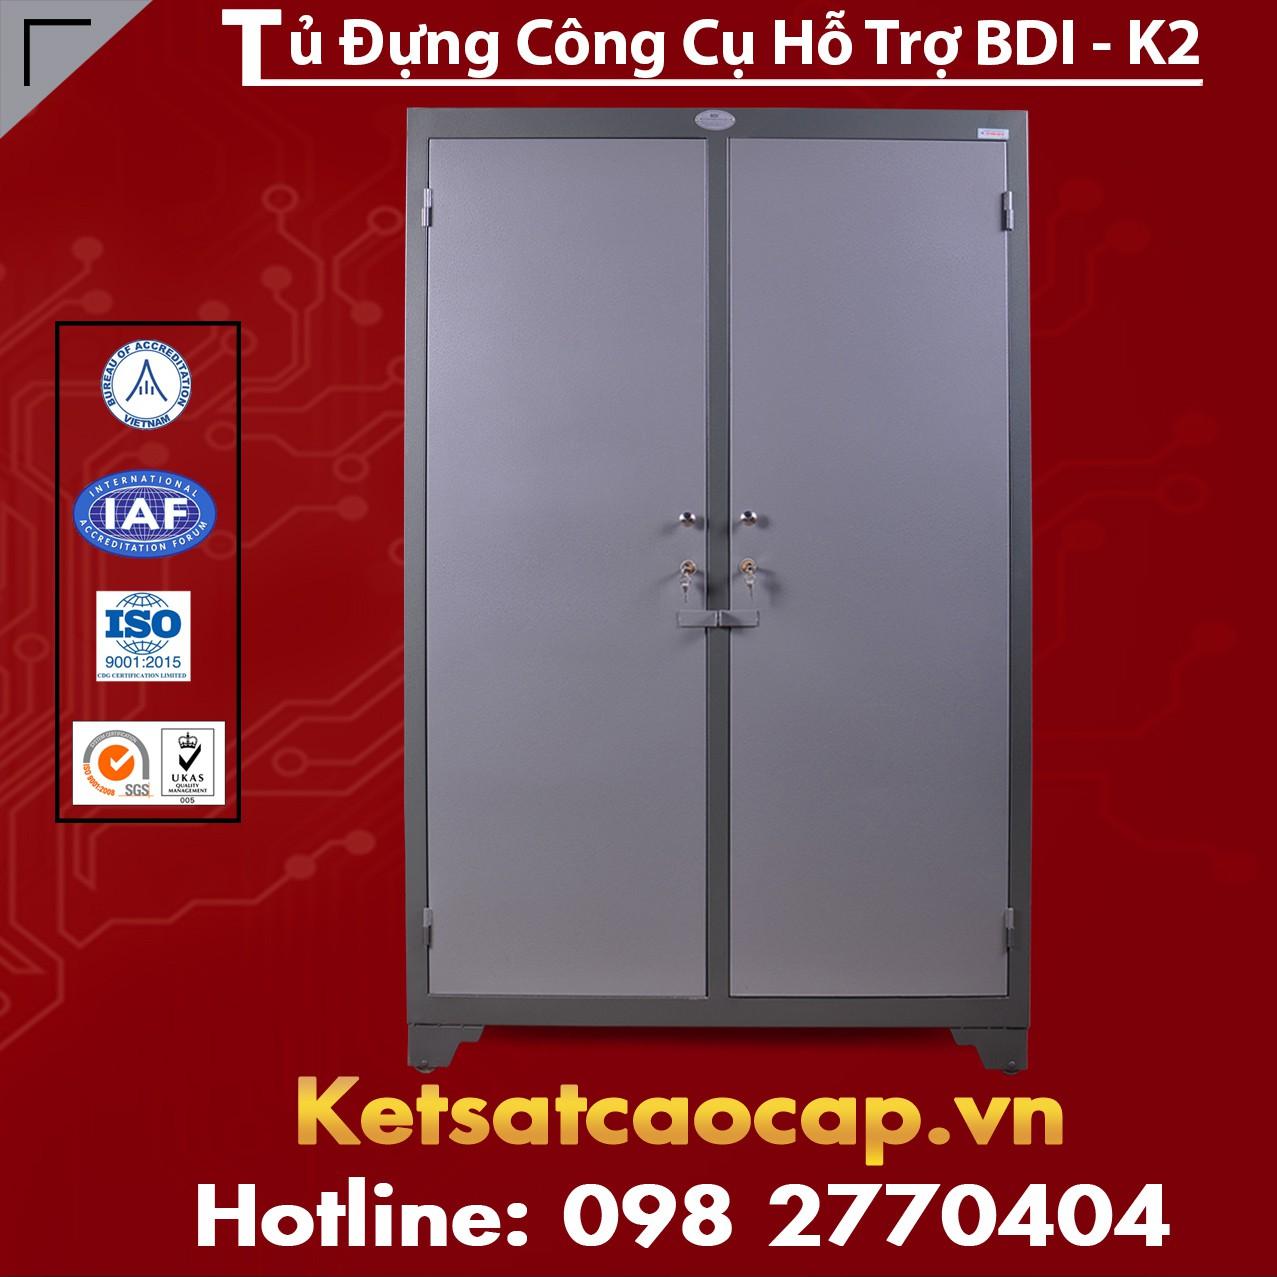 Tủ Đựng Công Cụ Hỗ Trợ BDI - K2